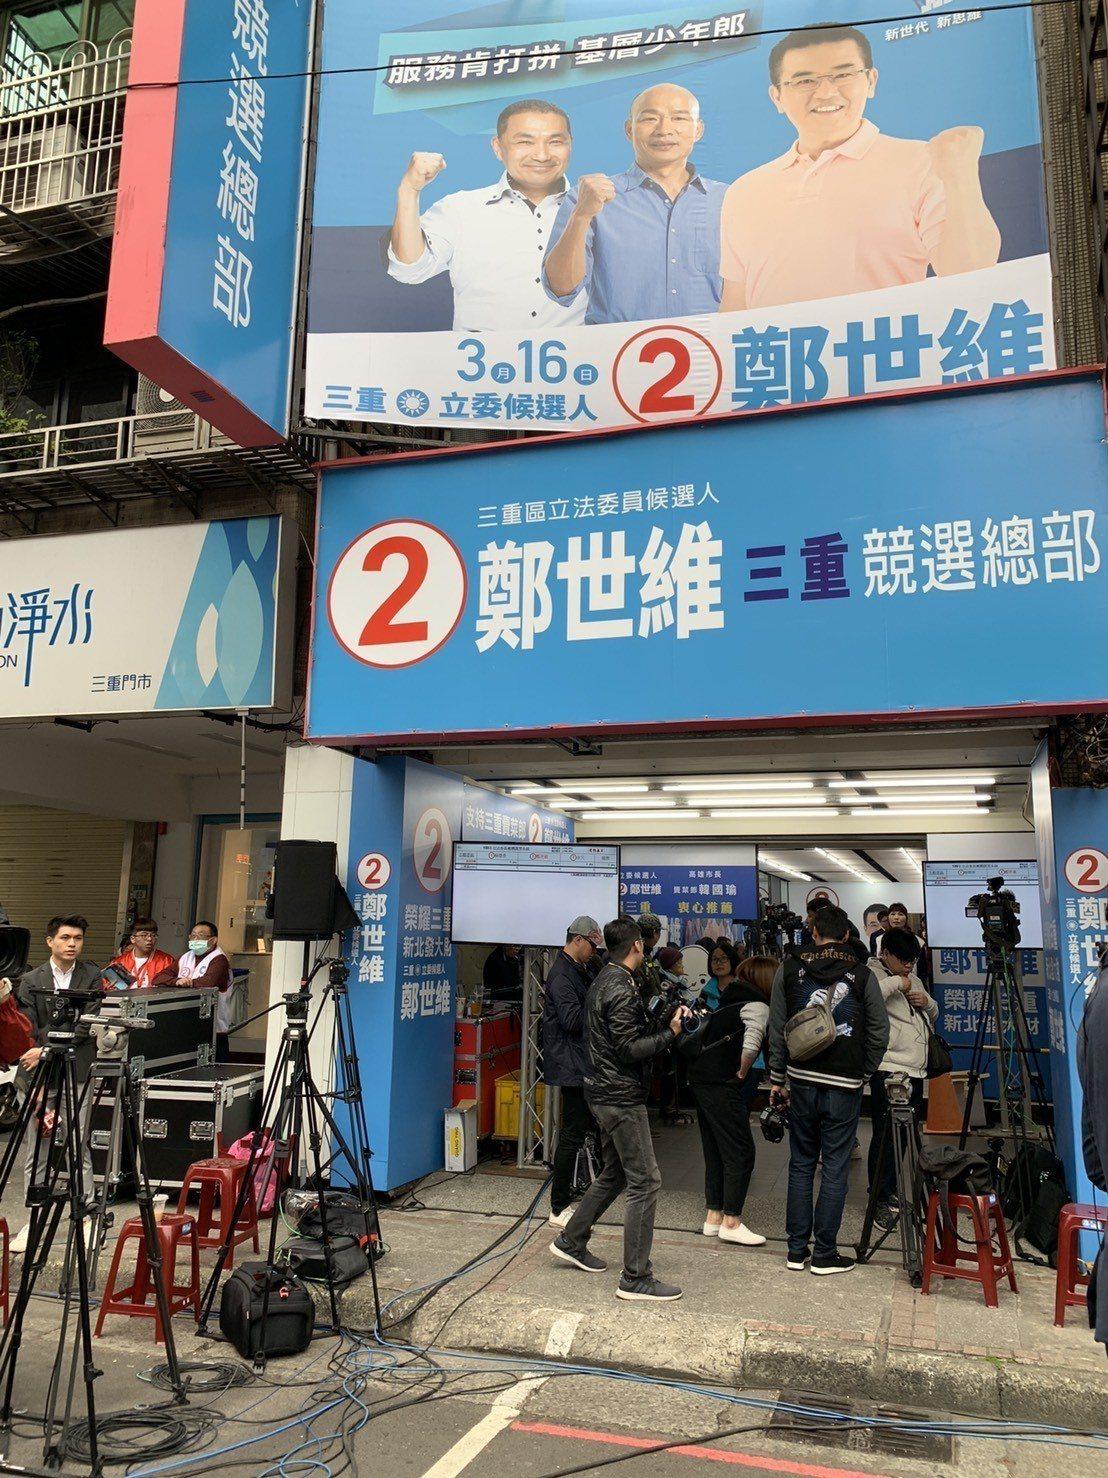 鄭世維競選總部外目前尚未有大批支持者聚集。記者張曼蘋/攝影